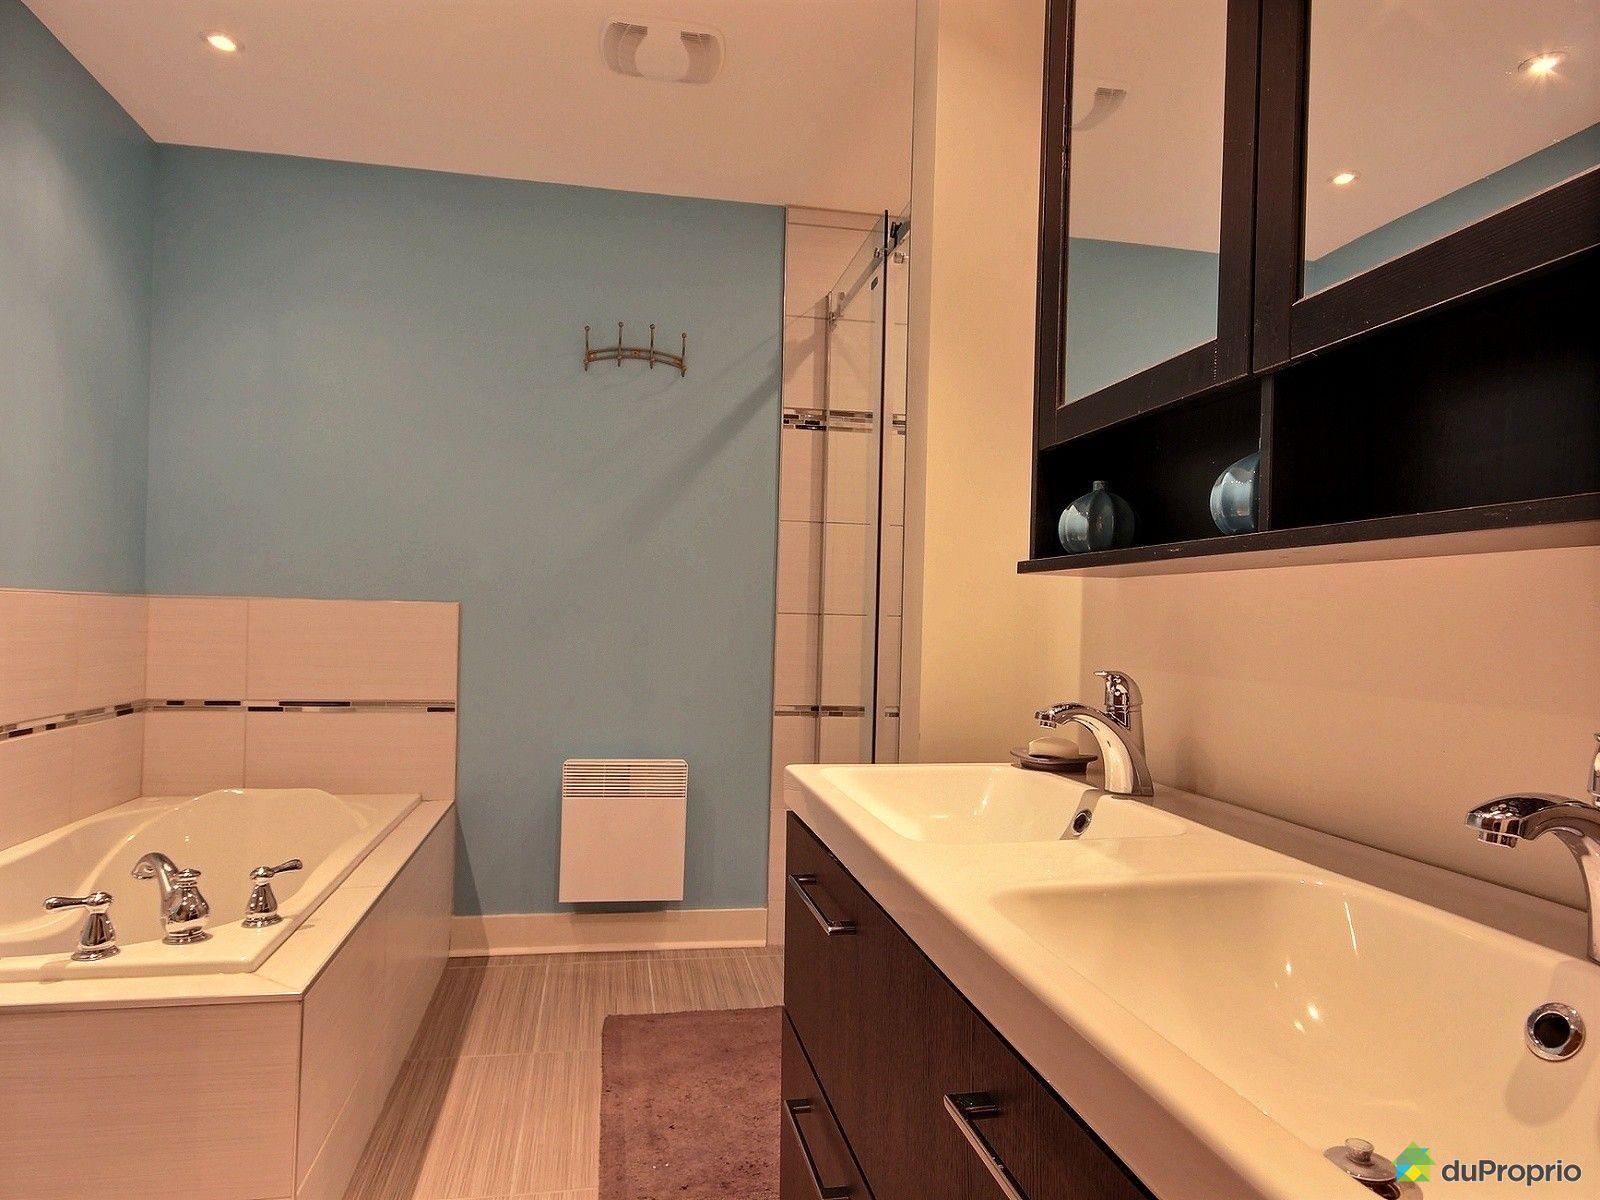 Maison vendre montr al 1071 5e avenue immobilier for Salle de bain commune a deux chambres